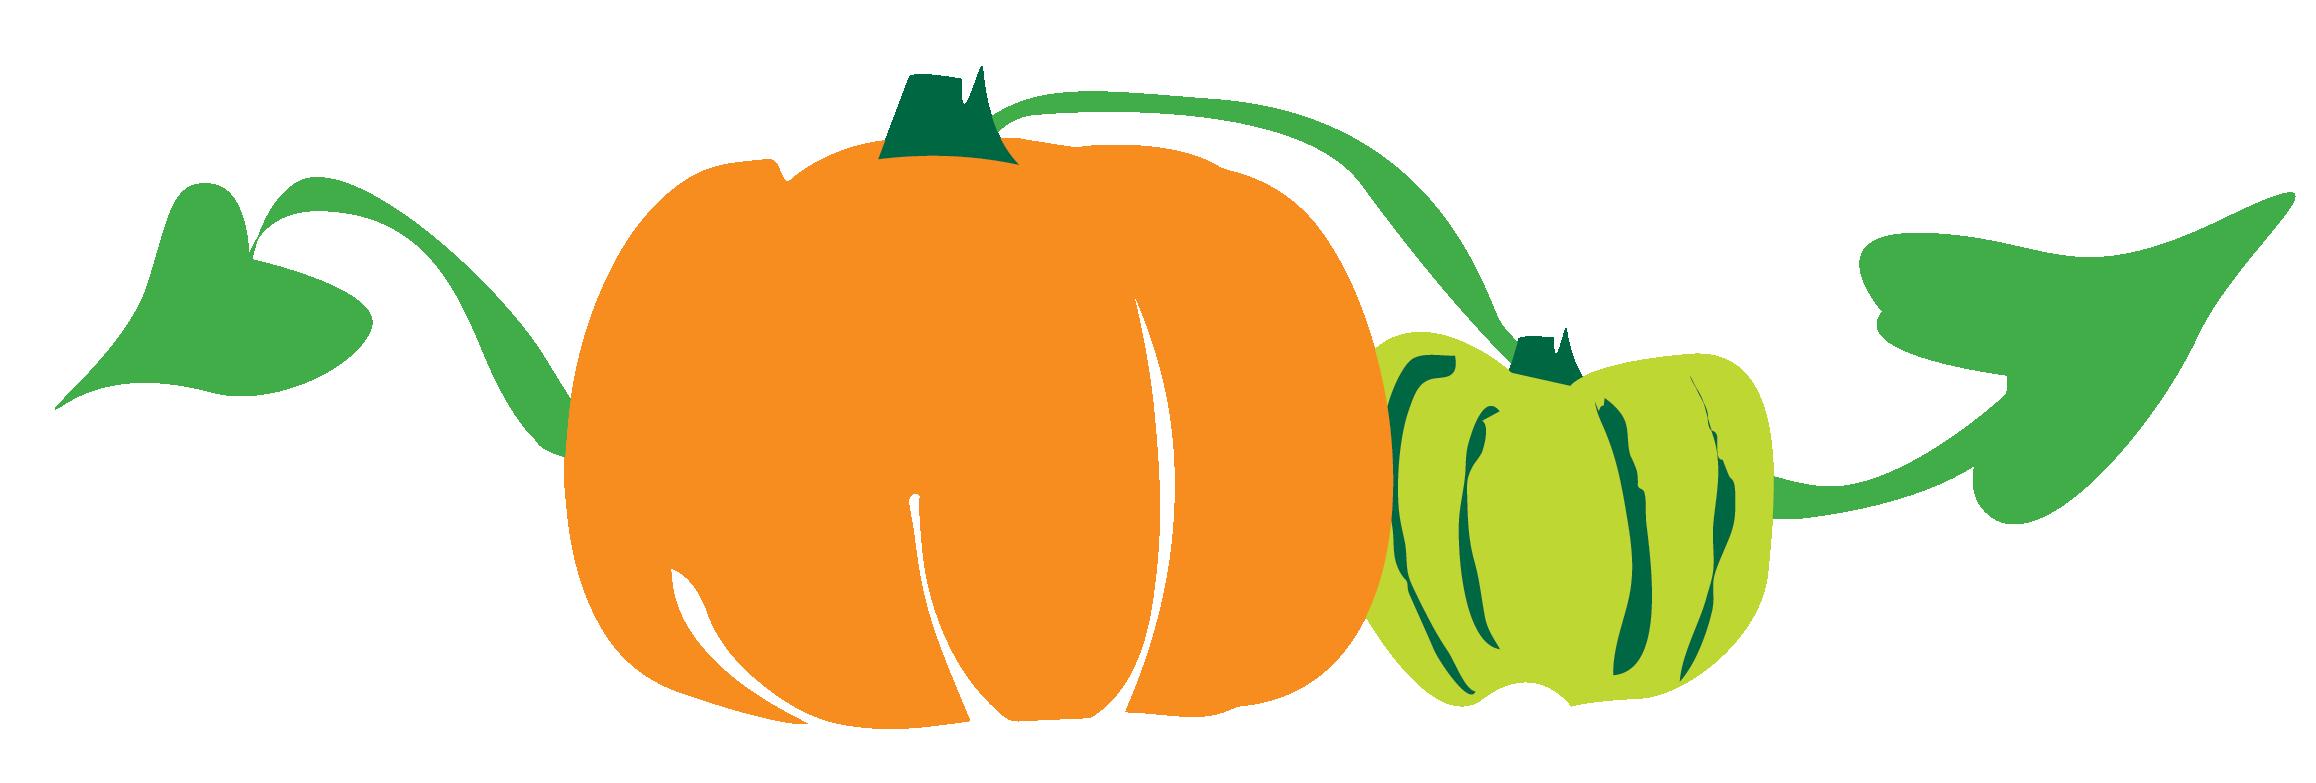 vector library download Hayride clipart october school. Pumpkin tours jfpumpkingroup.